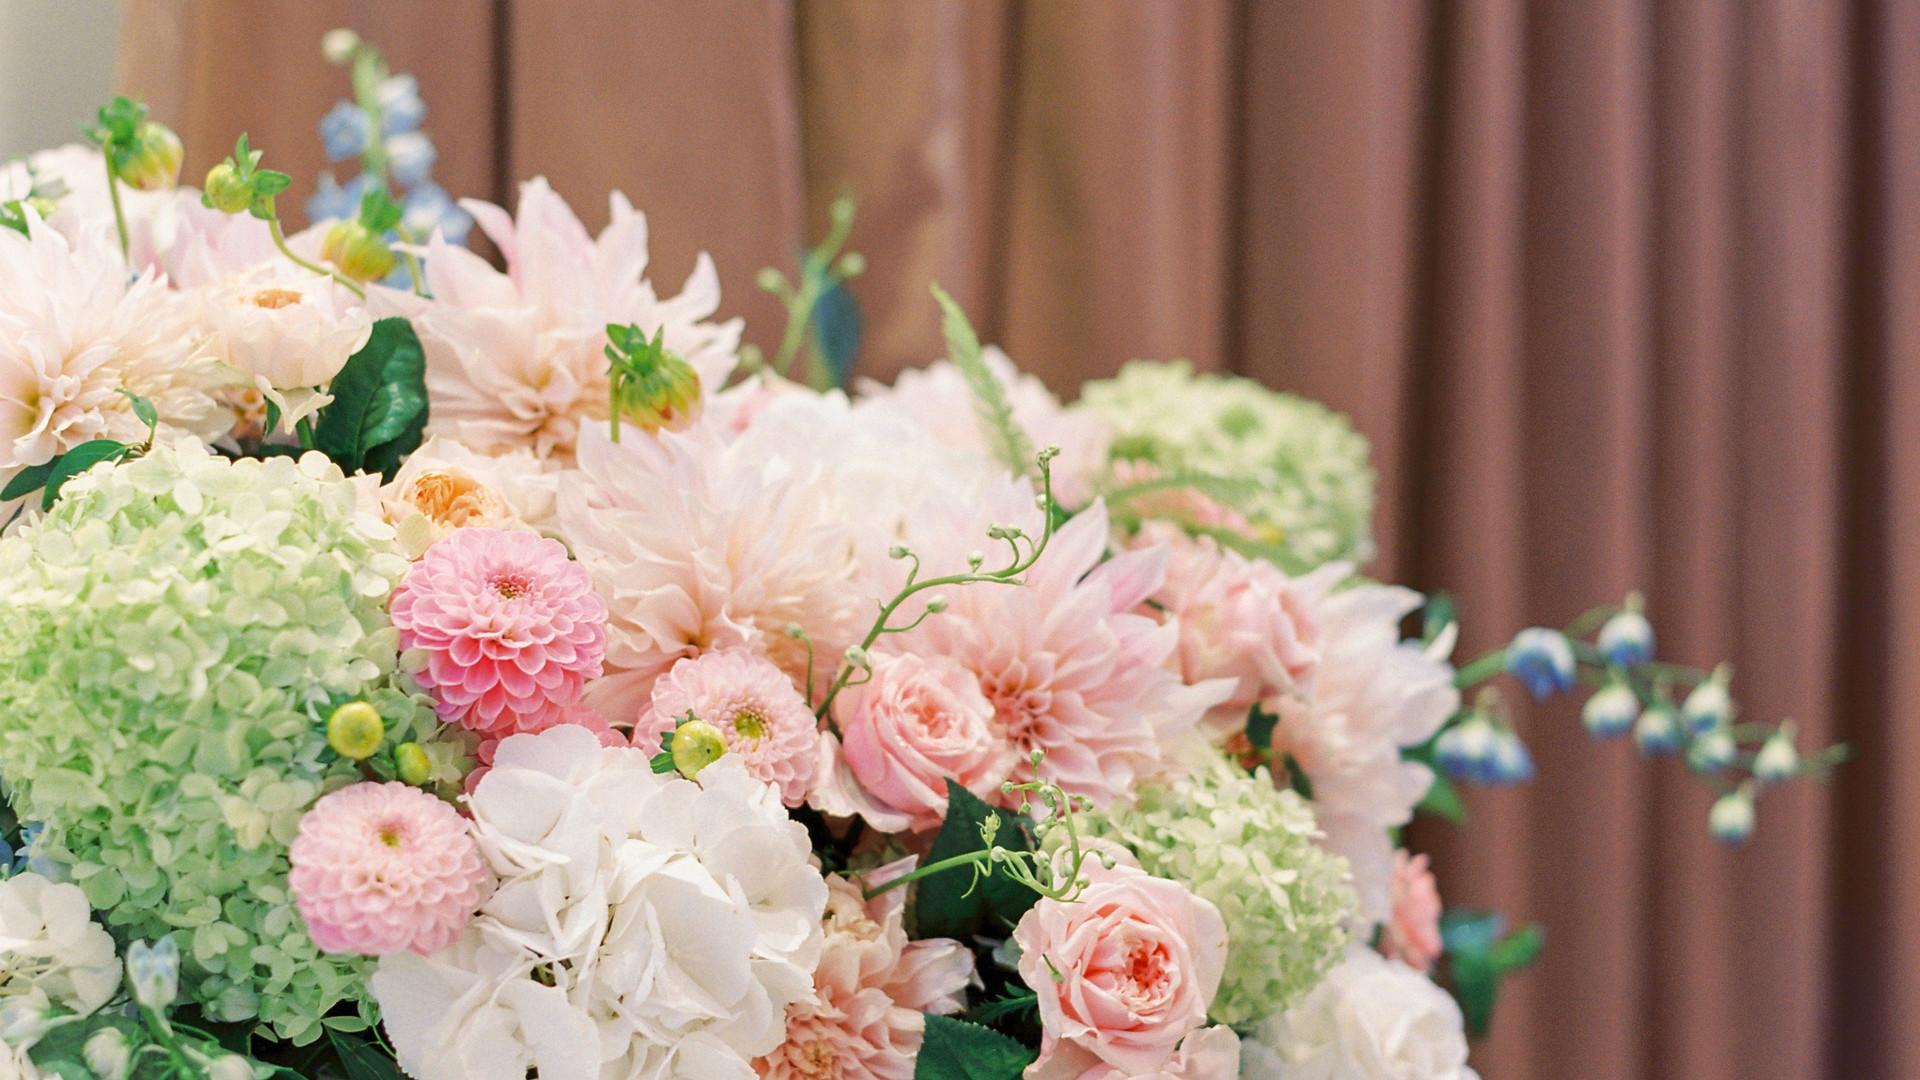 Floral Design for Summer wedding